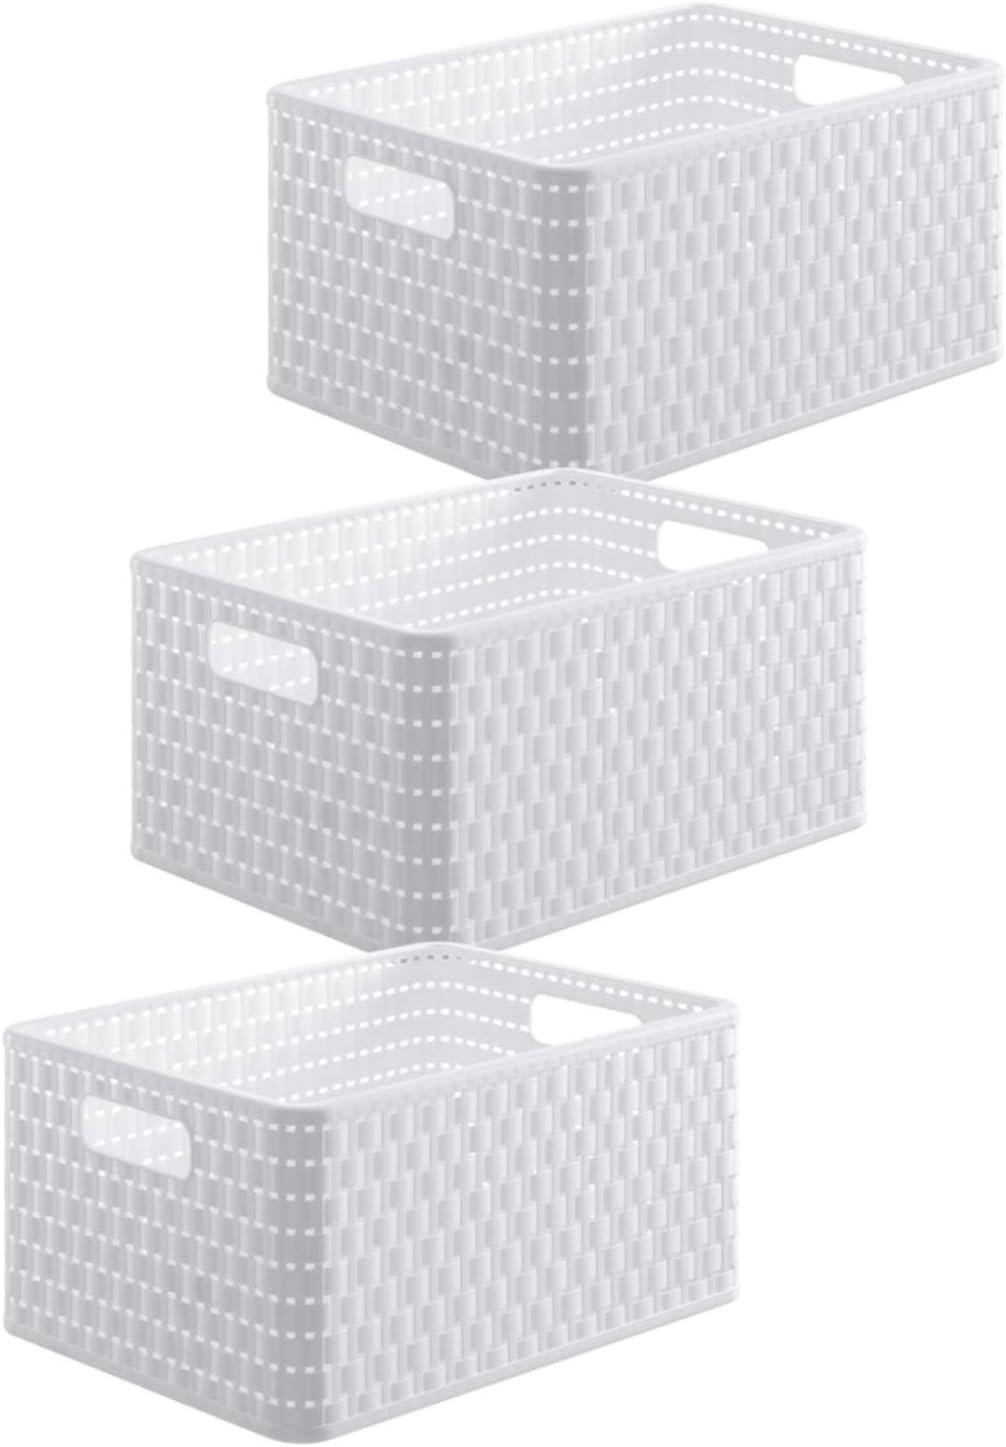 Rotho Country Juego de 3 Cajas de Almacenamiento, Plástico (PP), Blanco, A5 / 6 Liter (28 X 18,8 x 12,6 cm)